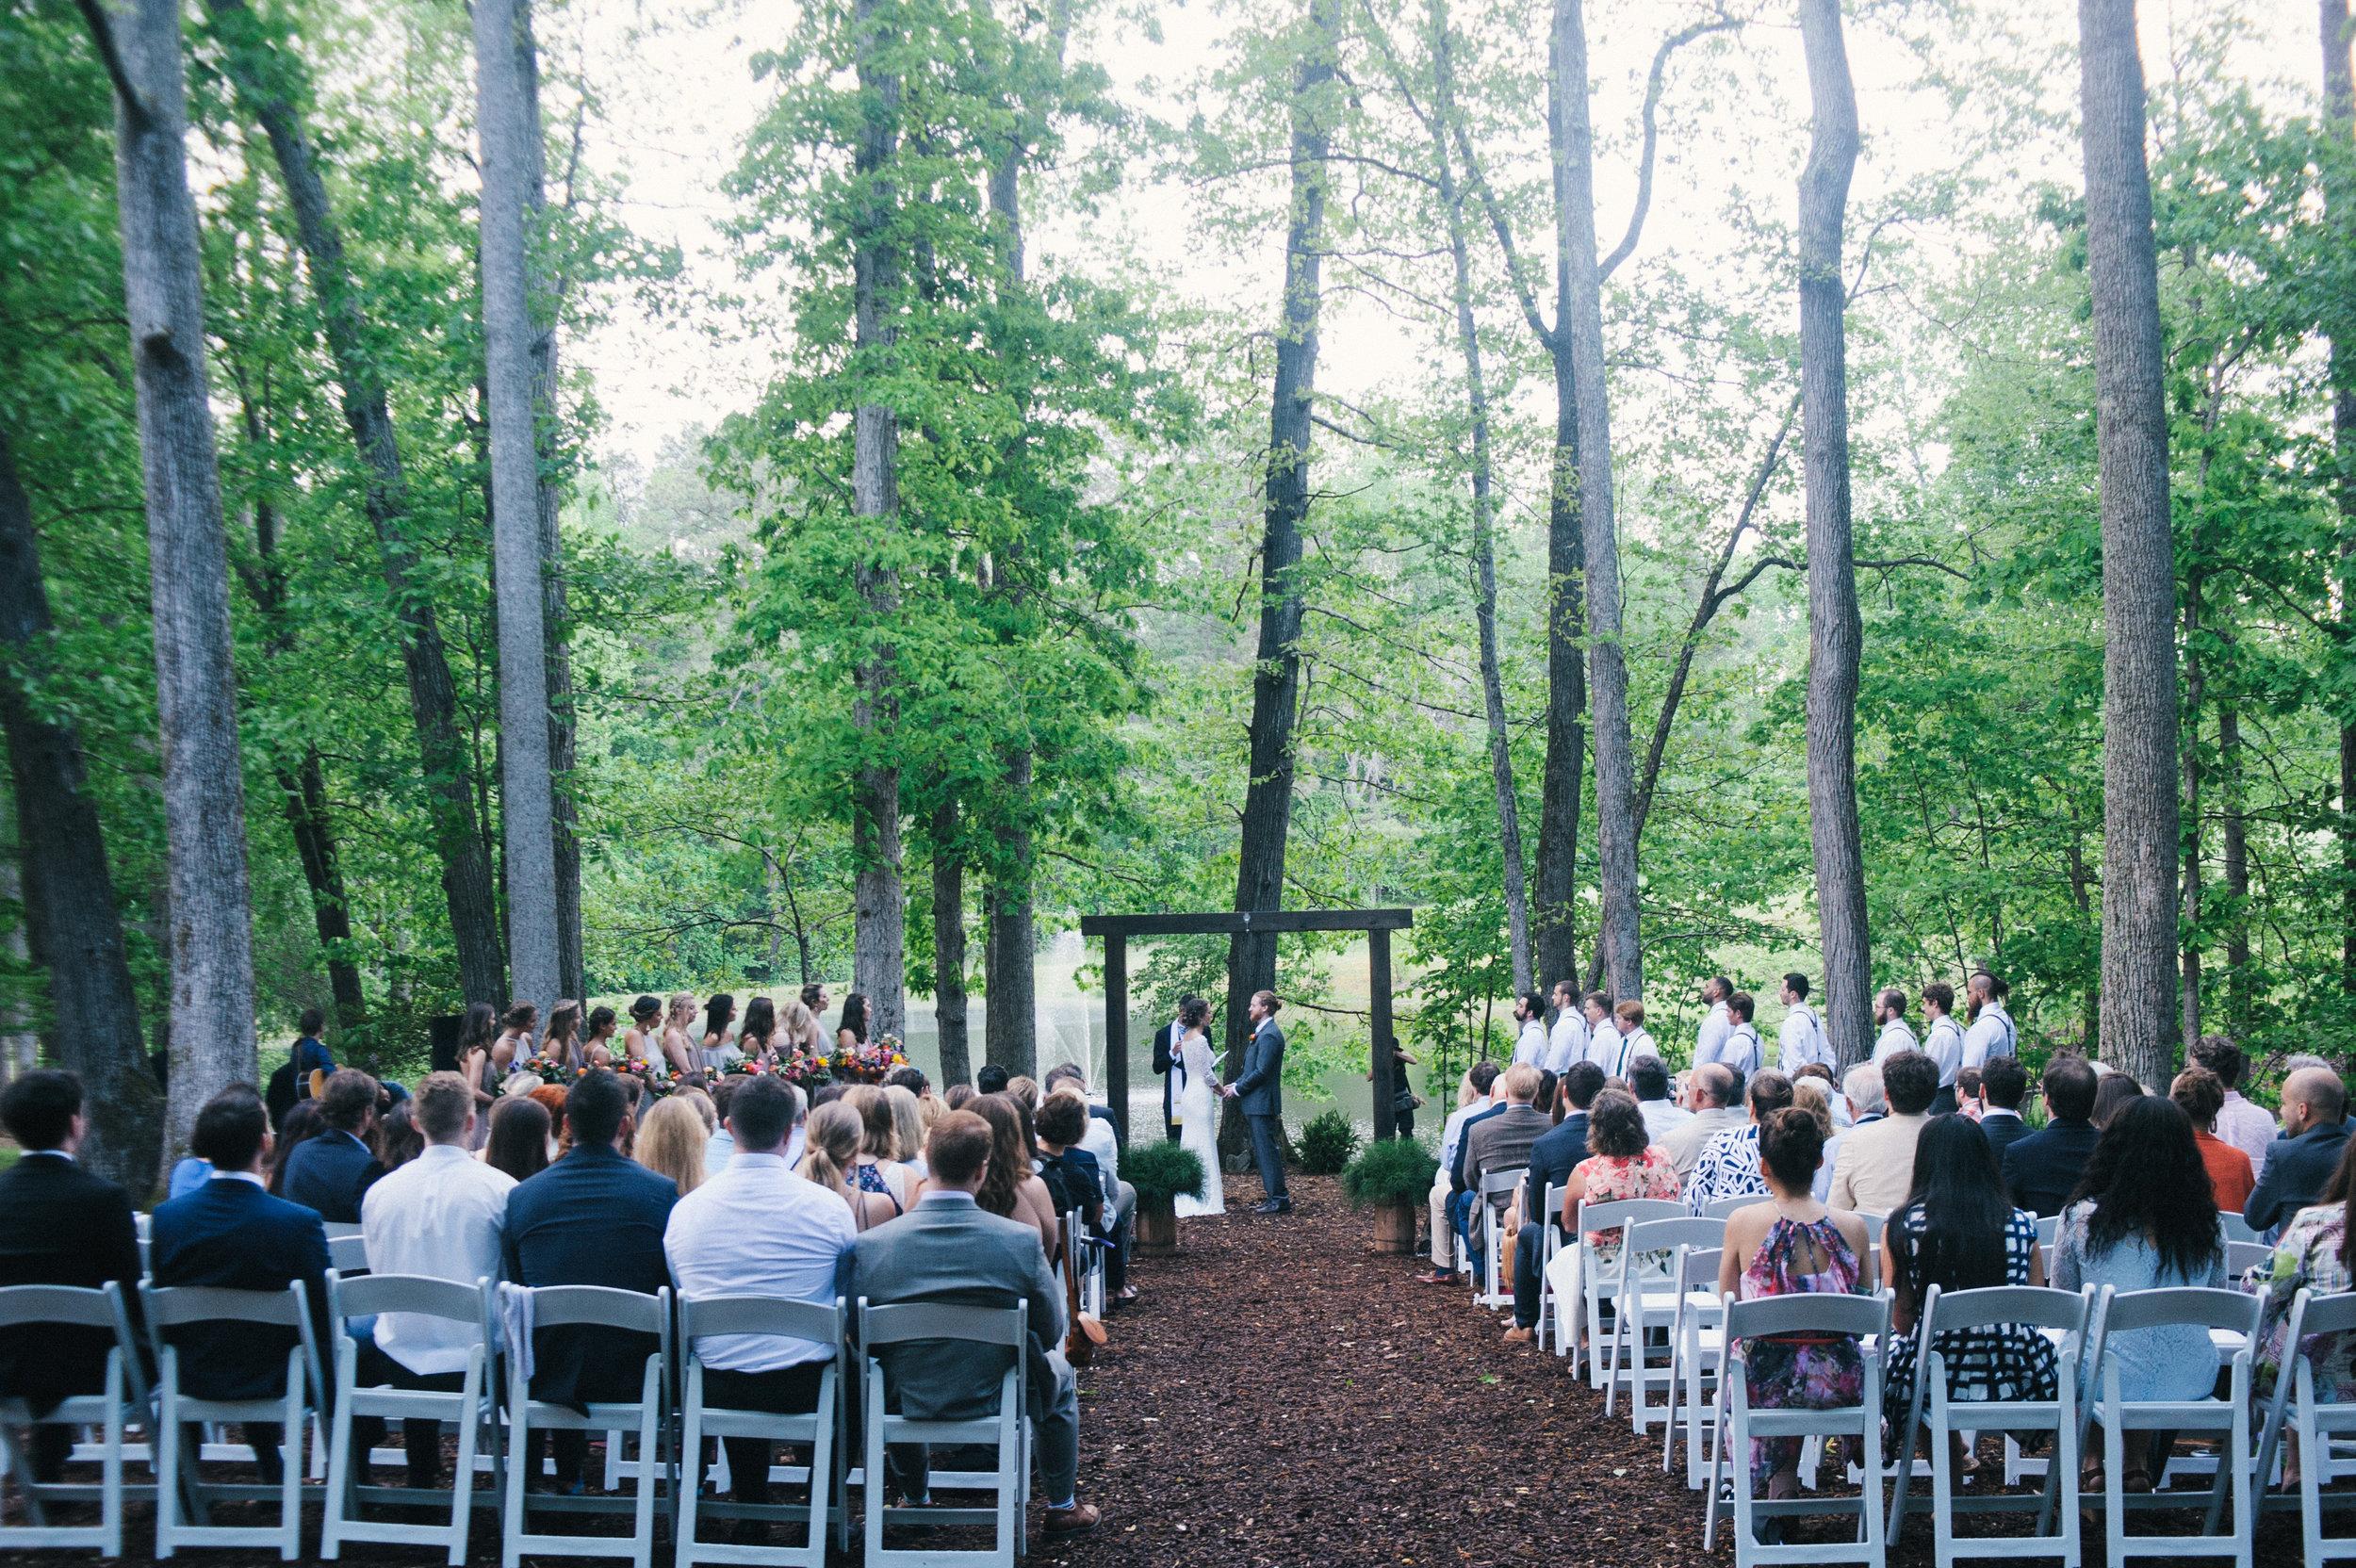 raleigh-elopement-photographer-raleigh-durham-wedding-maddie-and-devin- (158 of 162).jpg